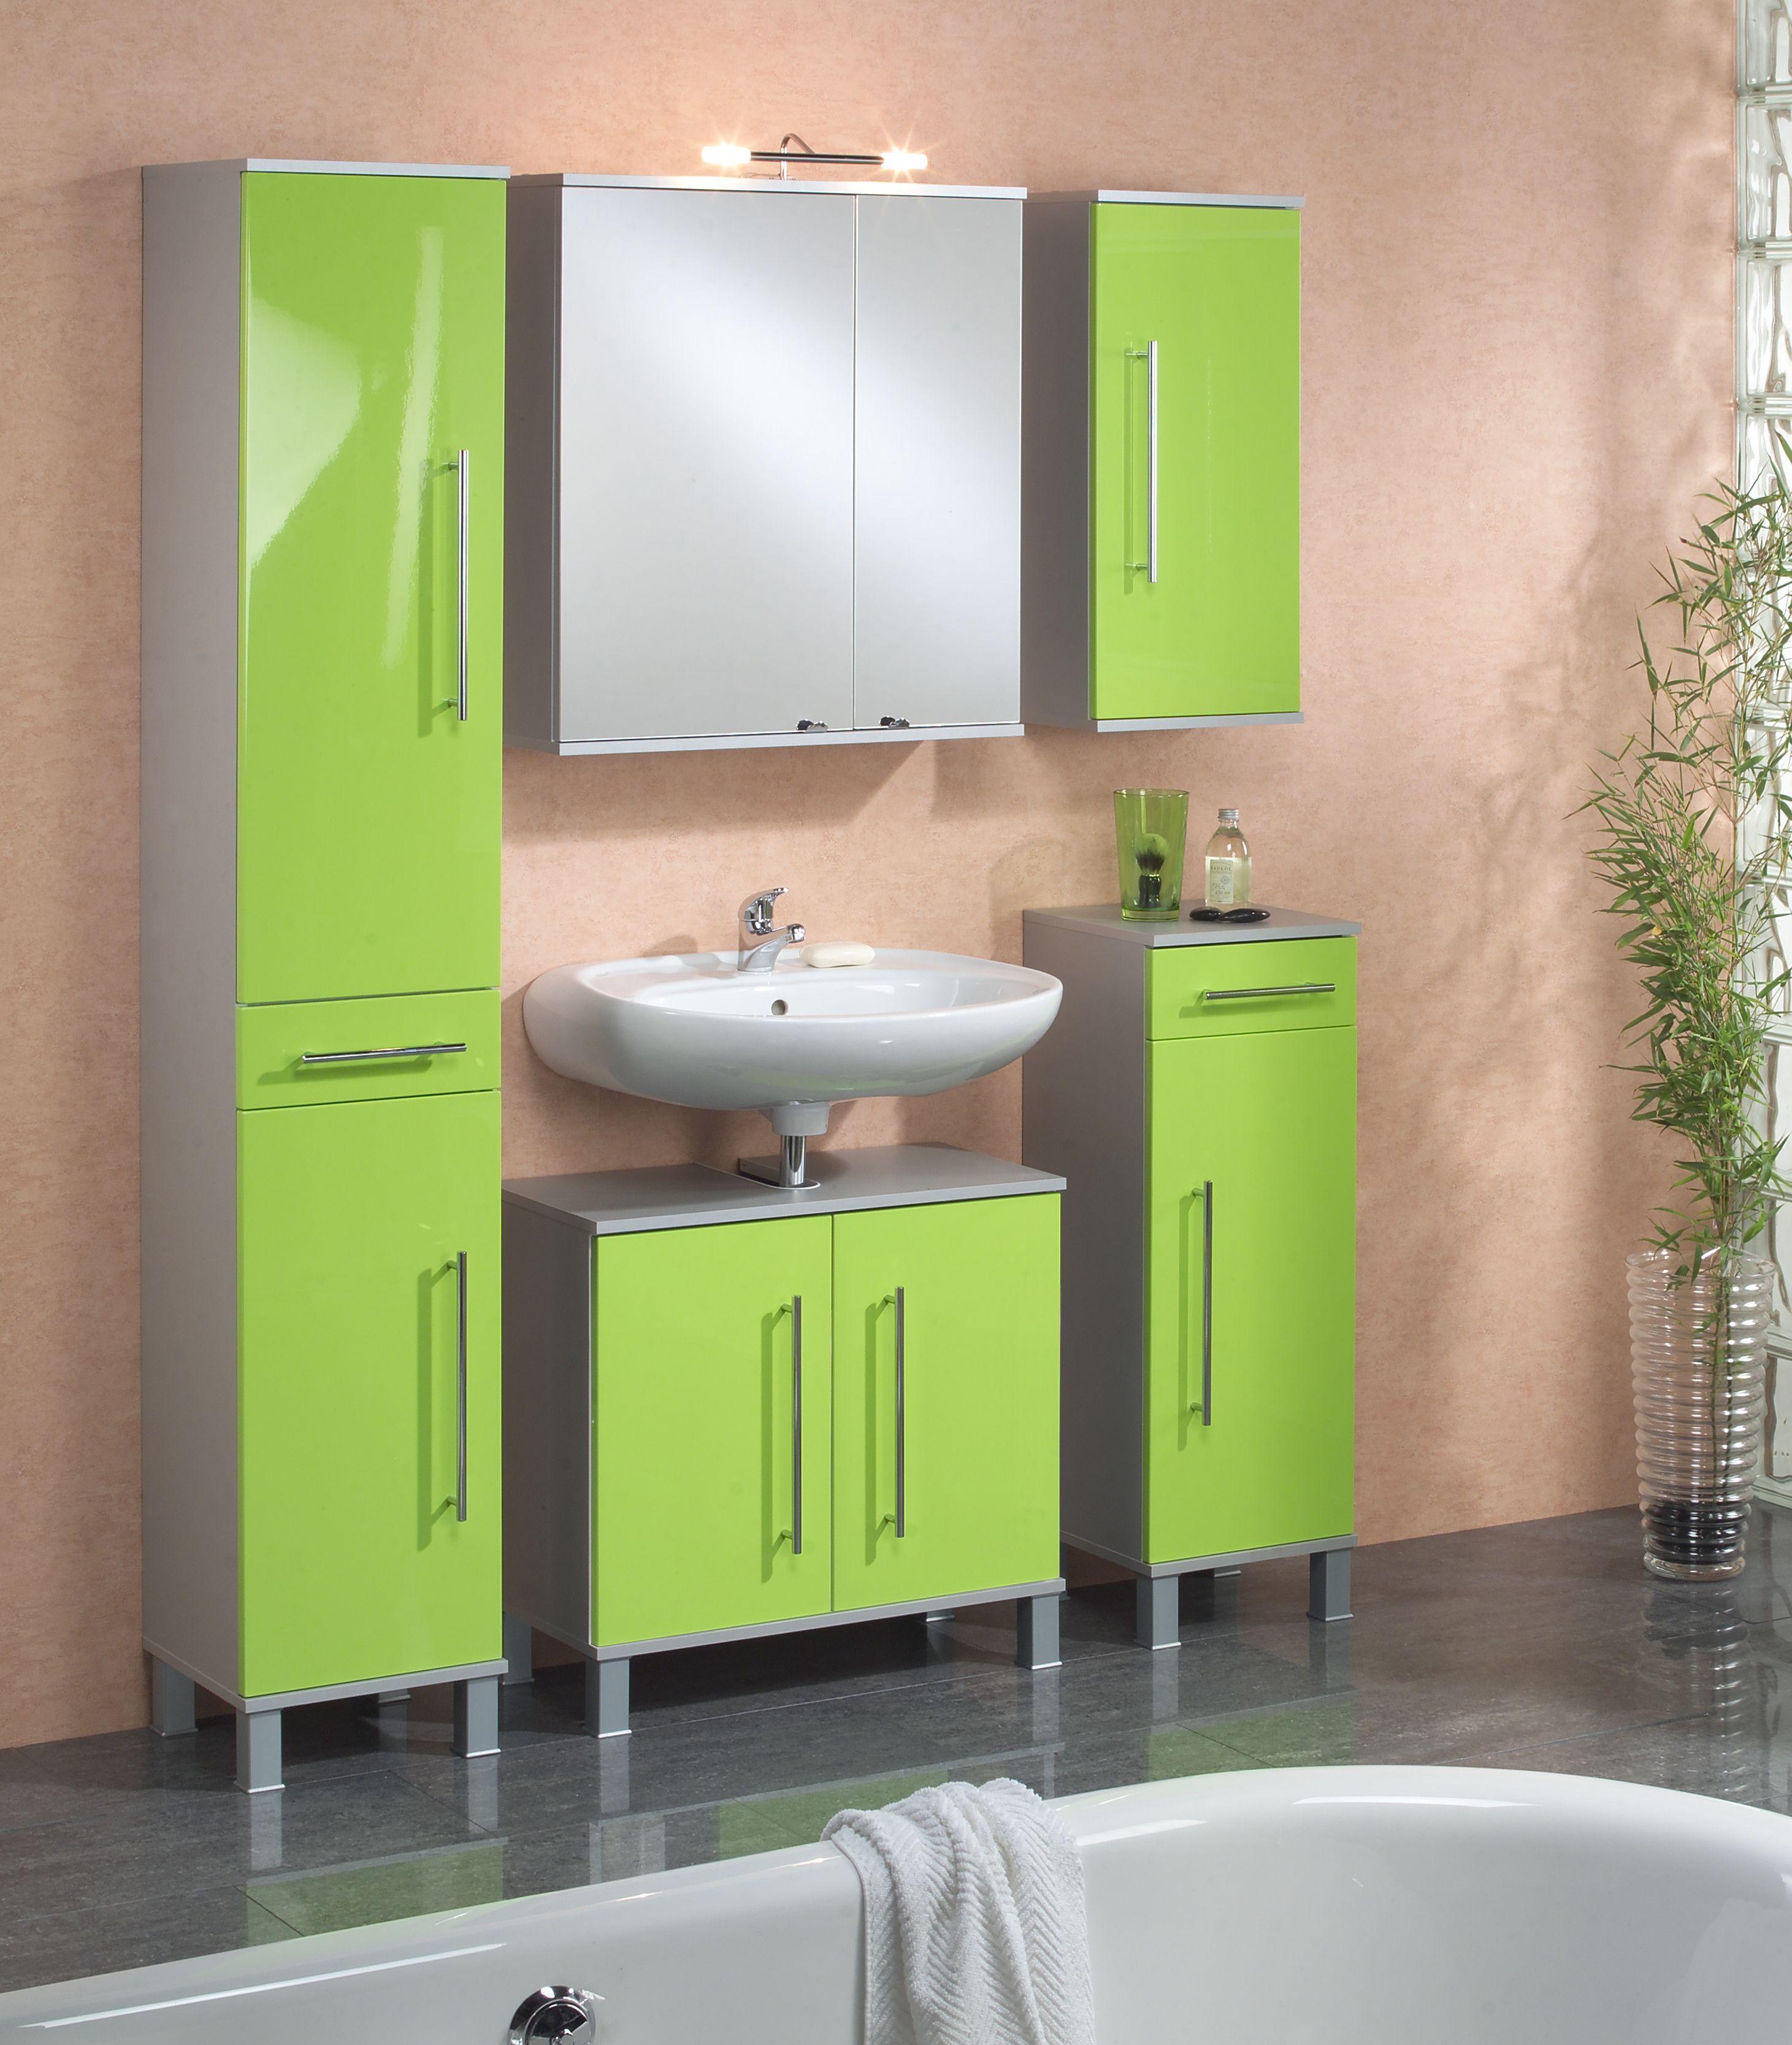 Badezimmer Grün badezimmer grün hochglanz alufarben woody 151 00012 mdf modern